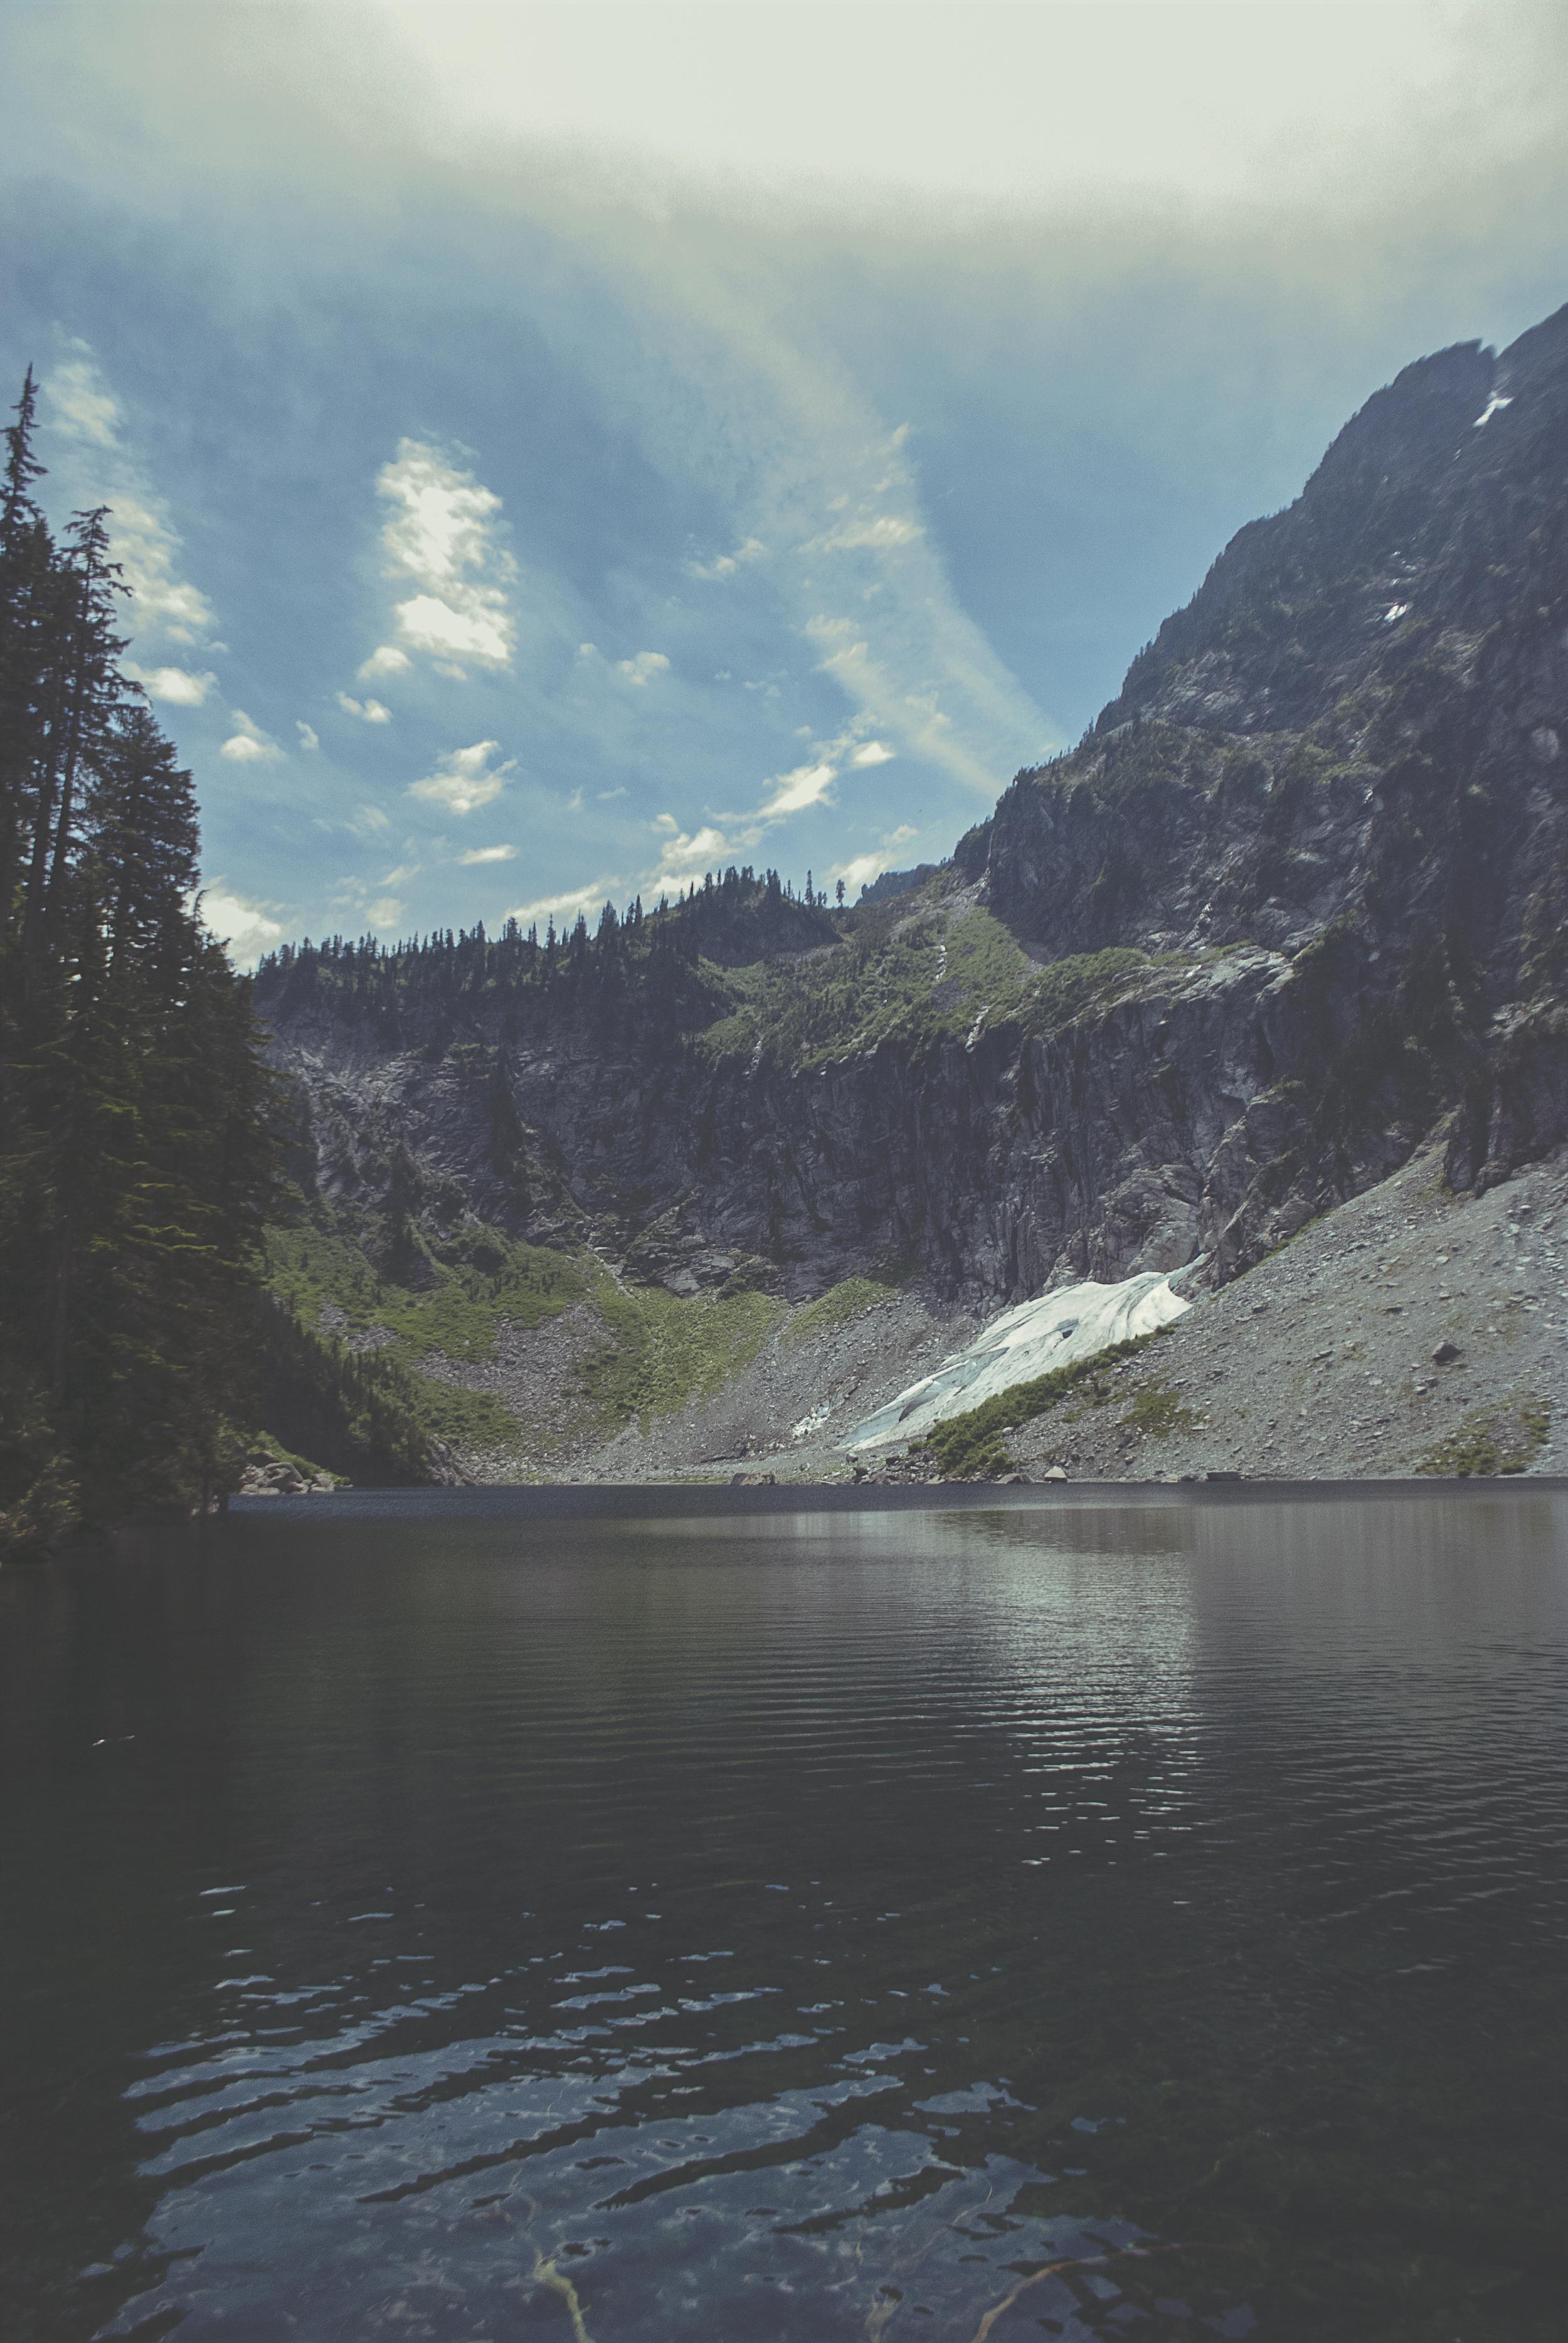 Seattle_lakeSerene_trees_mountain_DSC0233.jpg